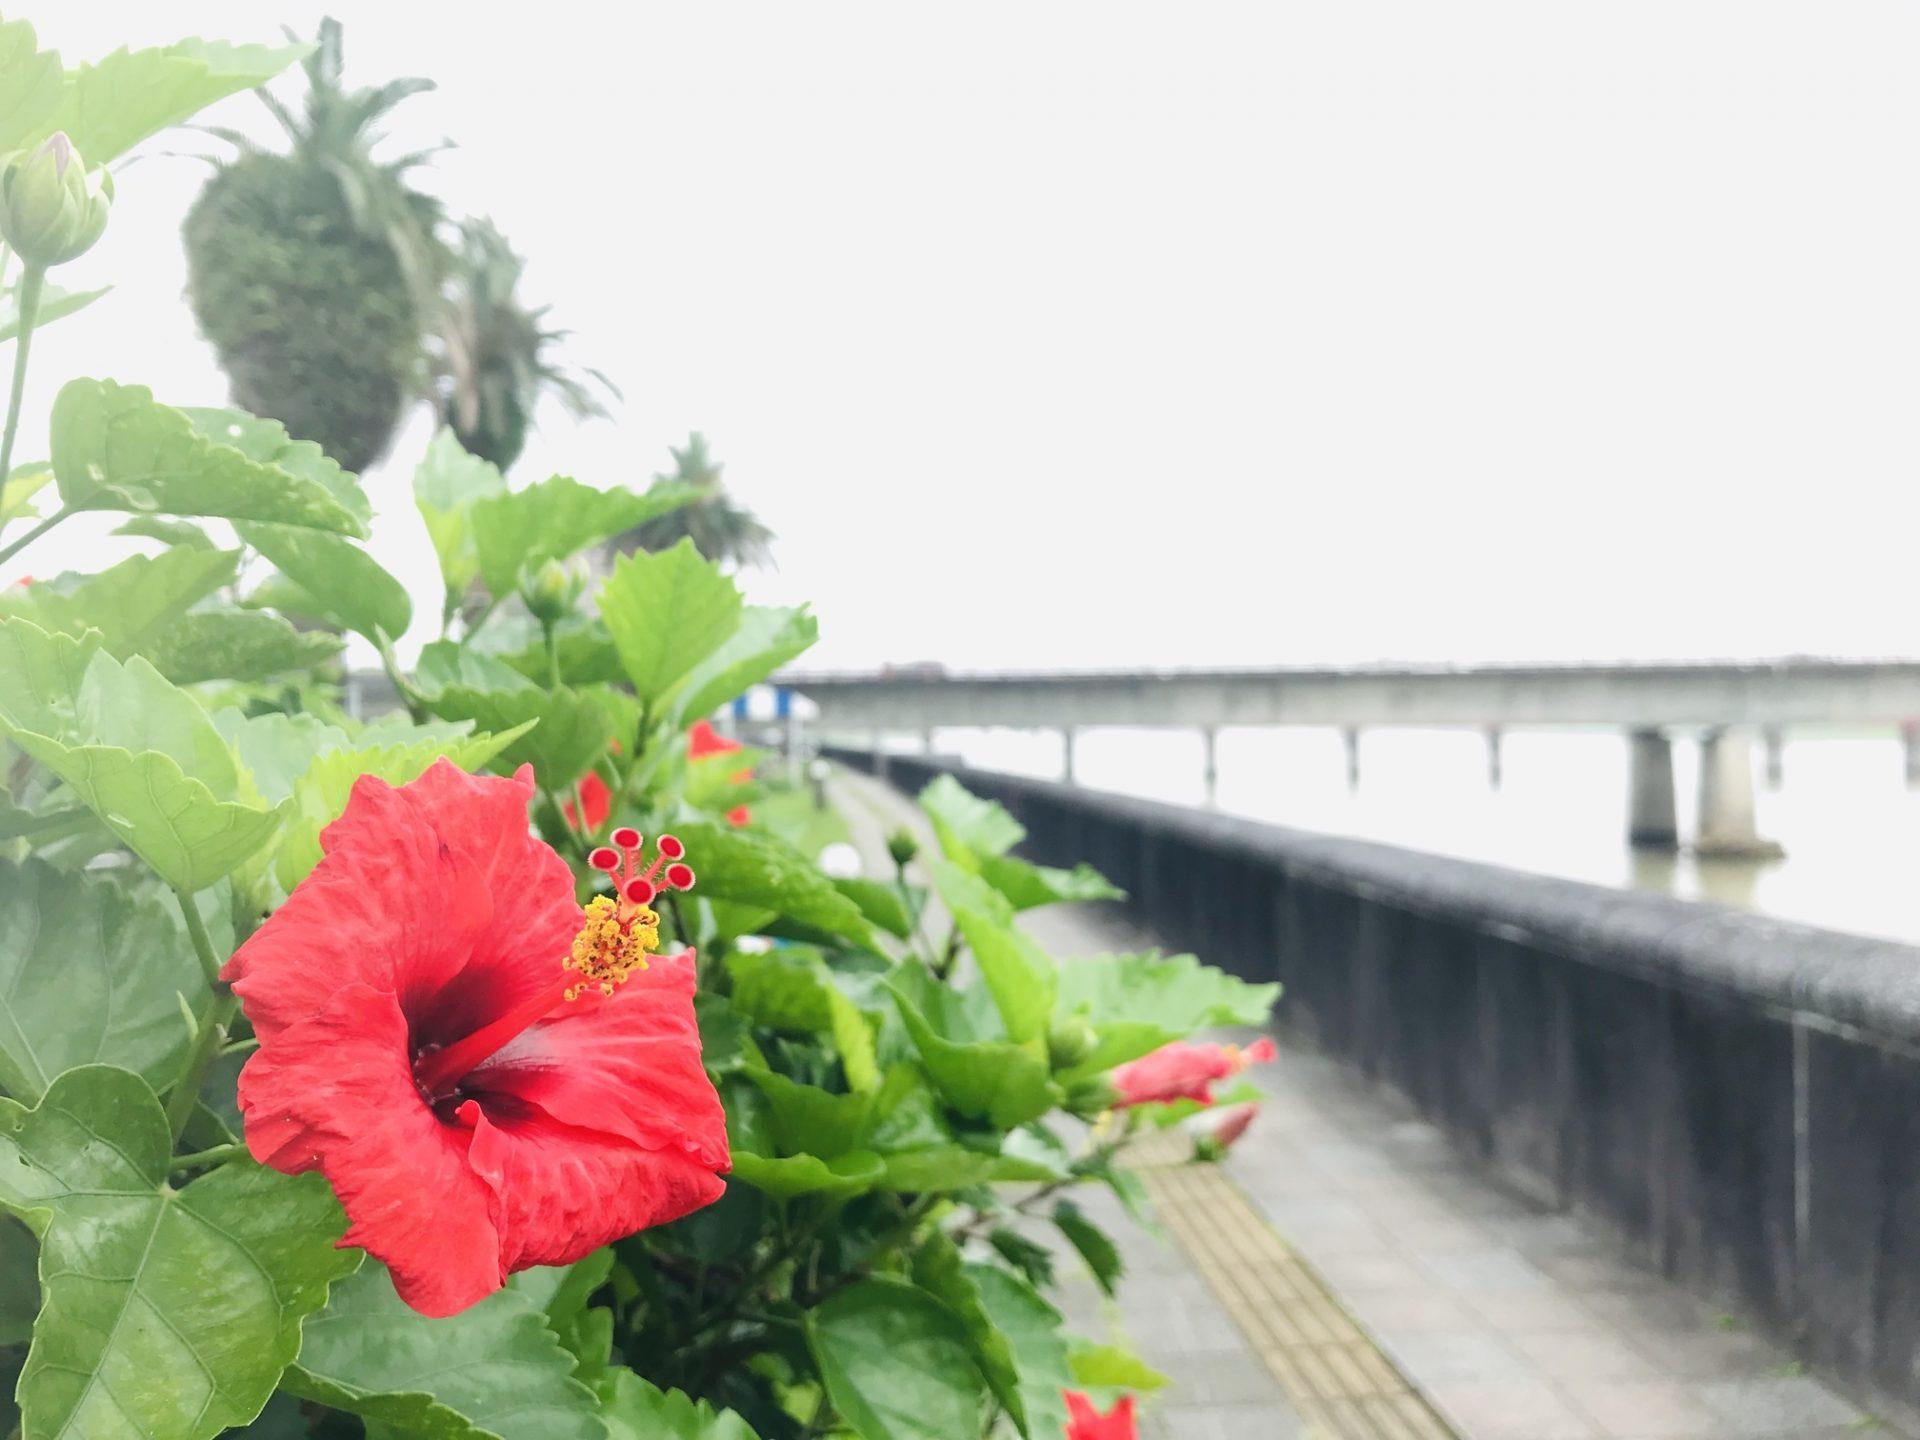 ブーゲンビリア ハイビスカス 宮崎駅 大淀川 橘公園 ウォーキング コース さるく